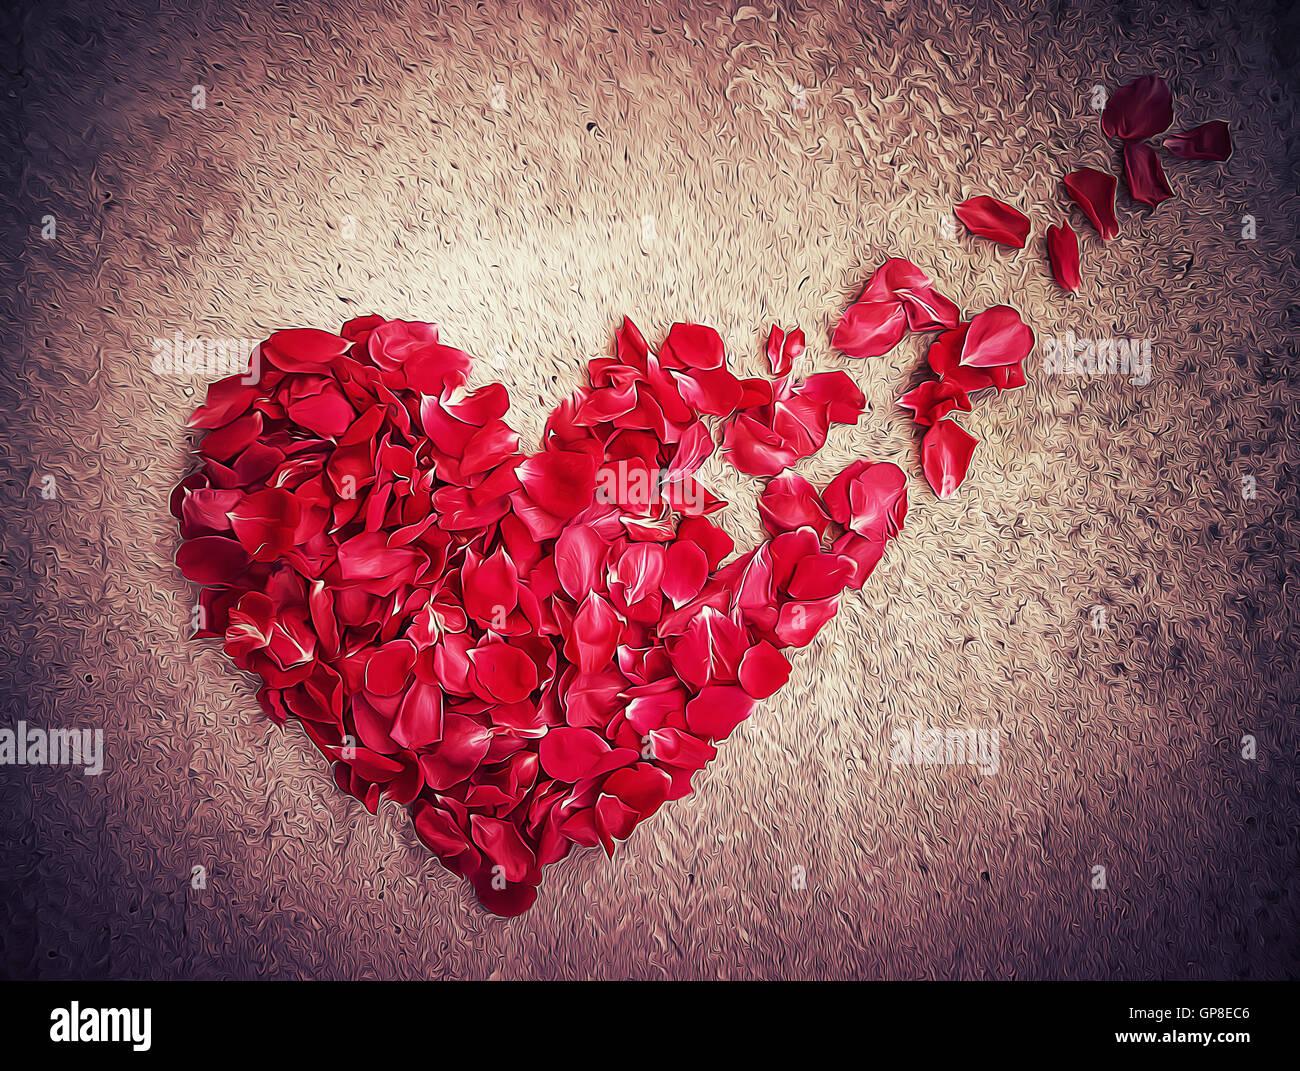 Illustration von Rosenblüten in Form eines gebrochenen Herzens angeordnet. Trennung-Konzept, Trennung und Scheidung Stockbild